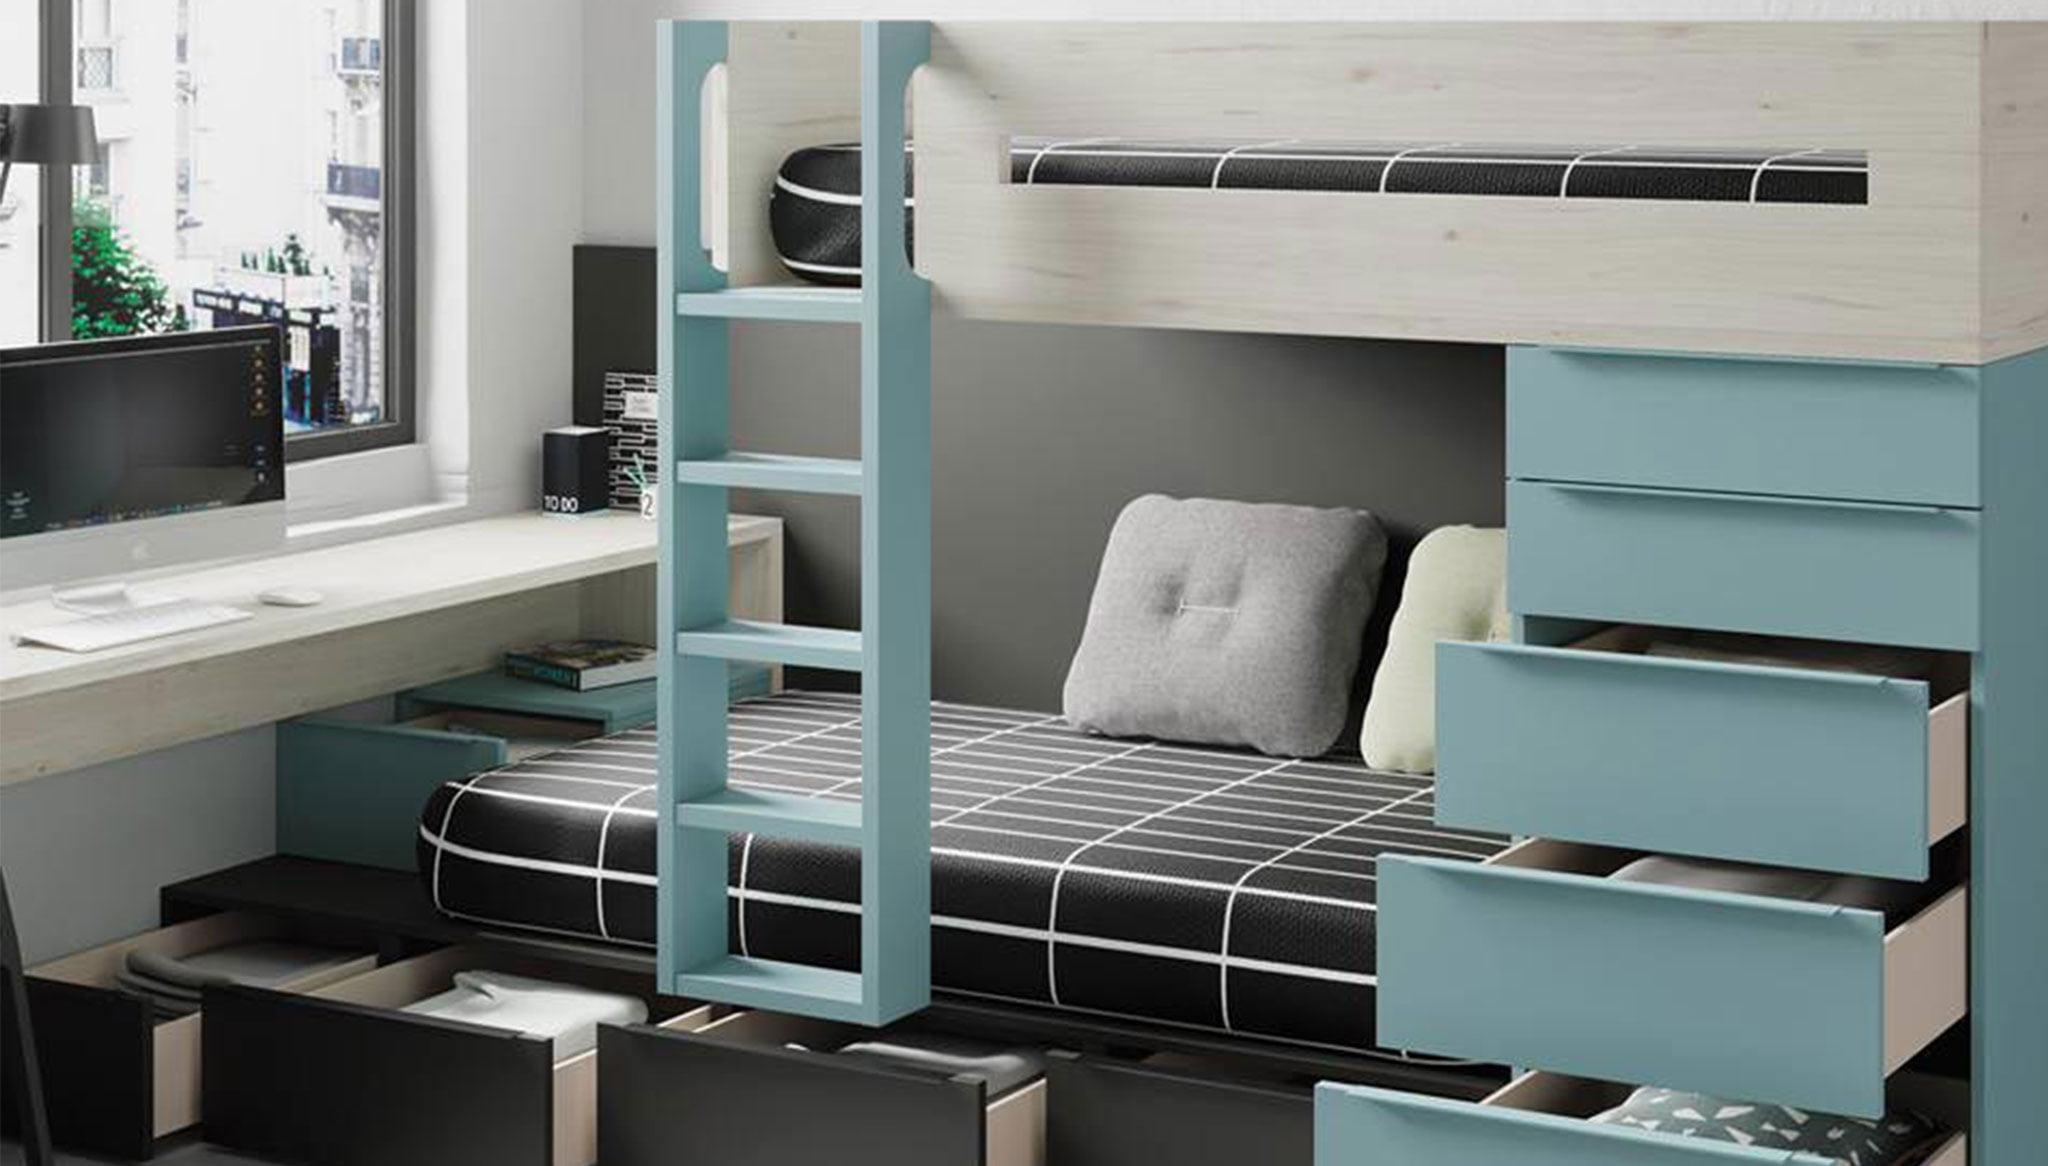 Habitación infantil pensada para poder guardar muchas cosas y mantener el orden – Muebles Martínez